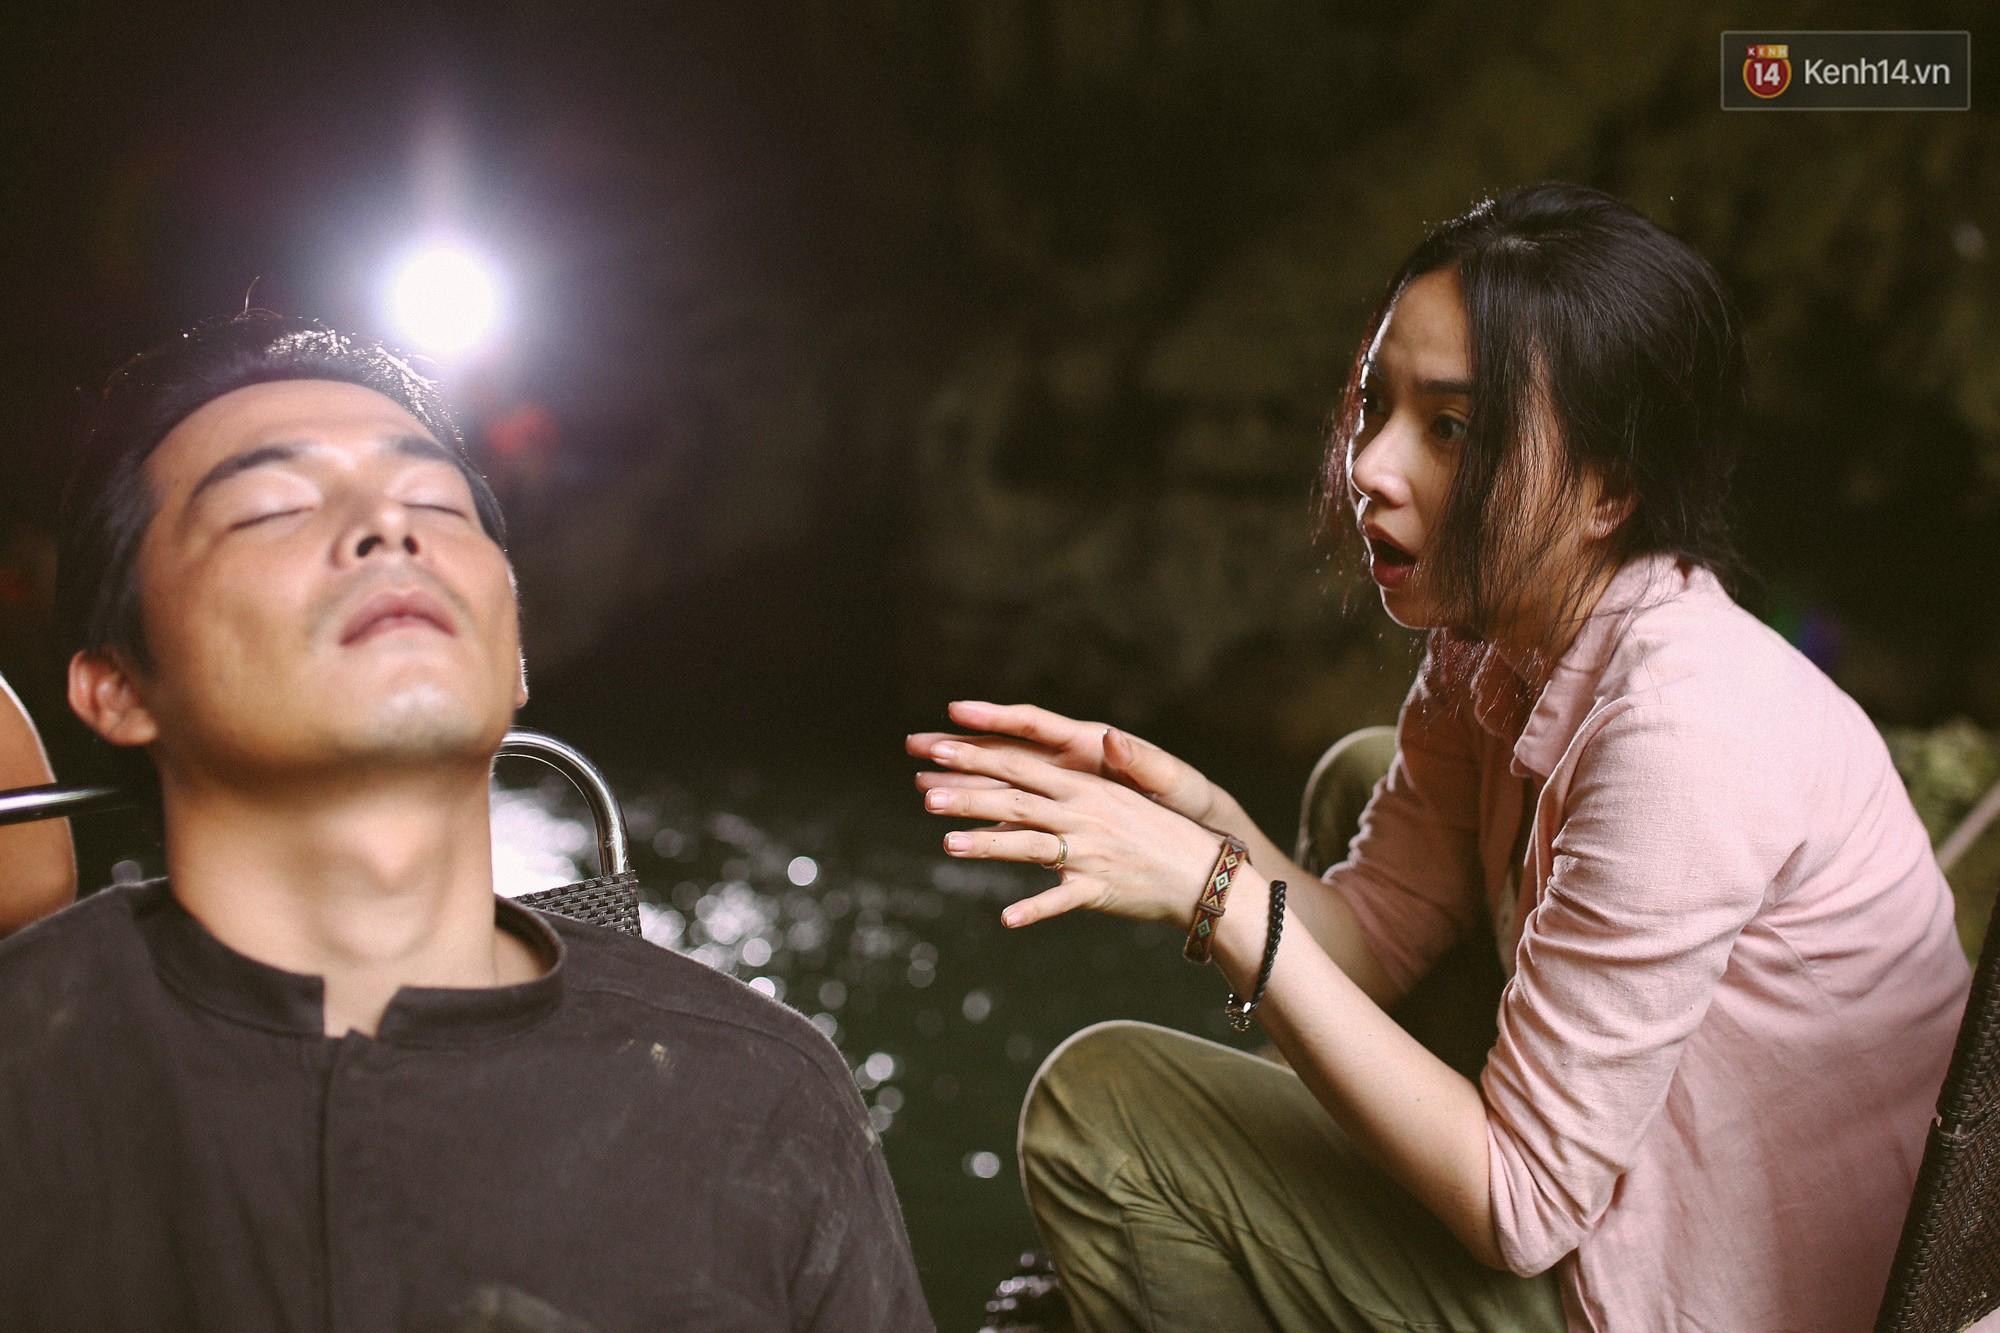 Cười ngất với 101 kiểu tạo dáng siêu lầy của Quách Ngọc Ngoan ở hậu trường Người Bất Tử - Ảnh 1.